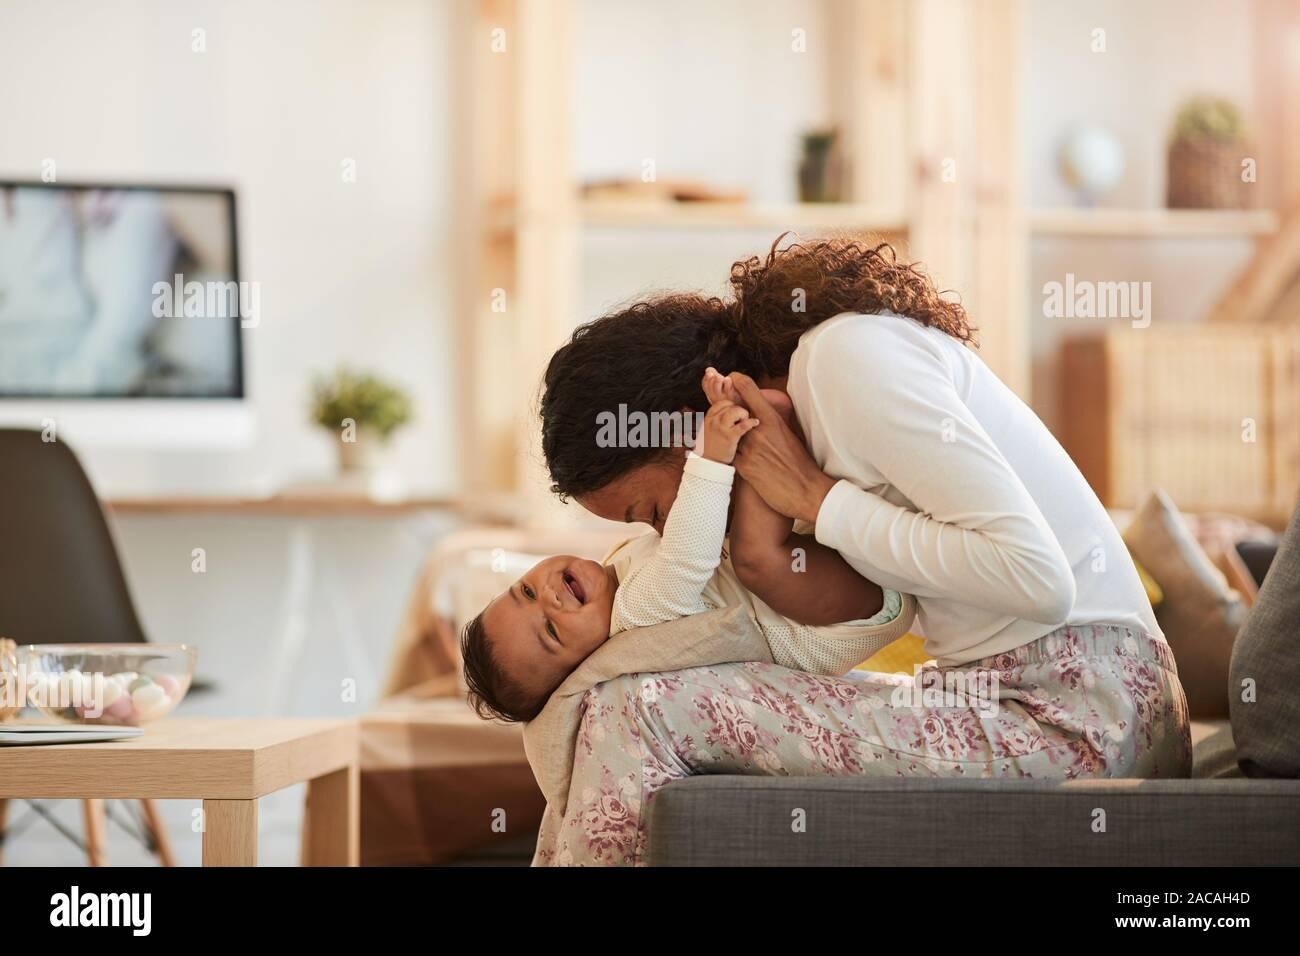 Vista lateral retrato de cuidado madre Afro-Americana besar cute Baby Boy mientras juega en casa, espacio de copia Foto de stock